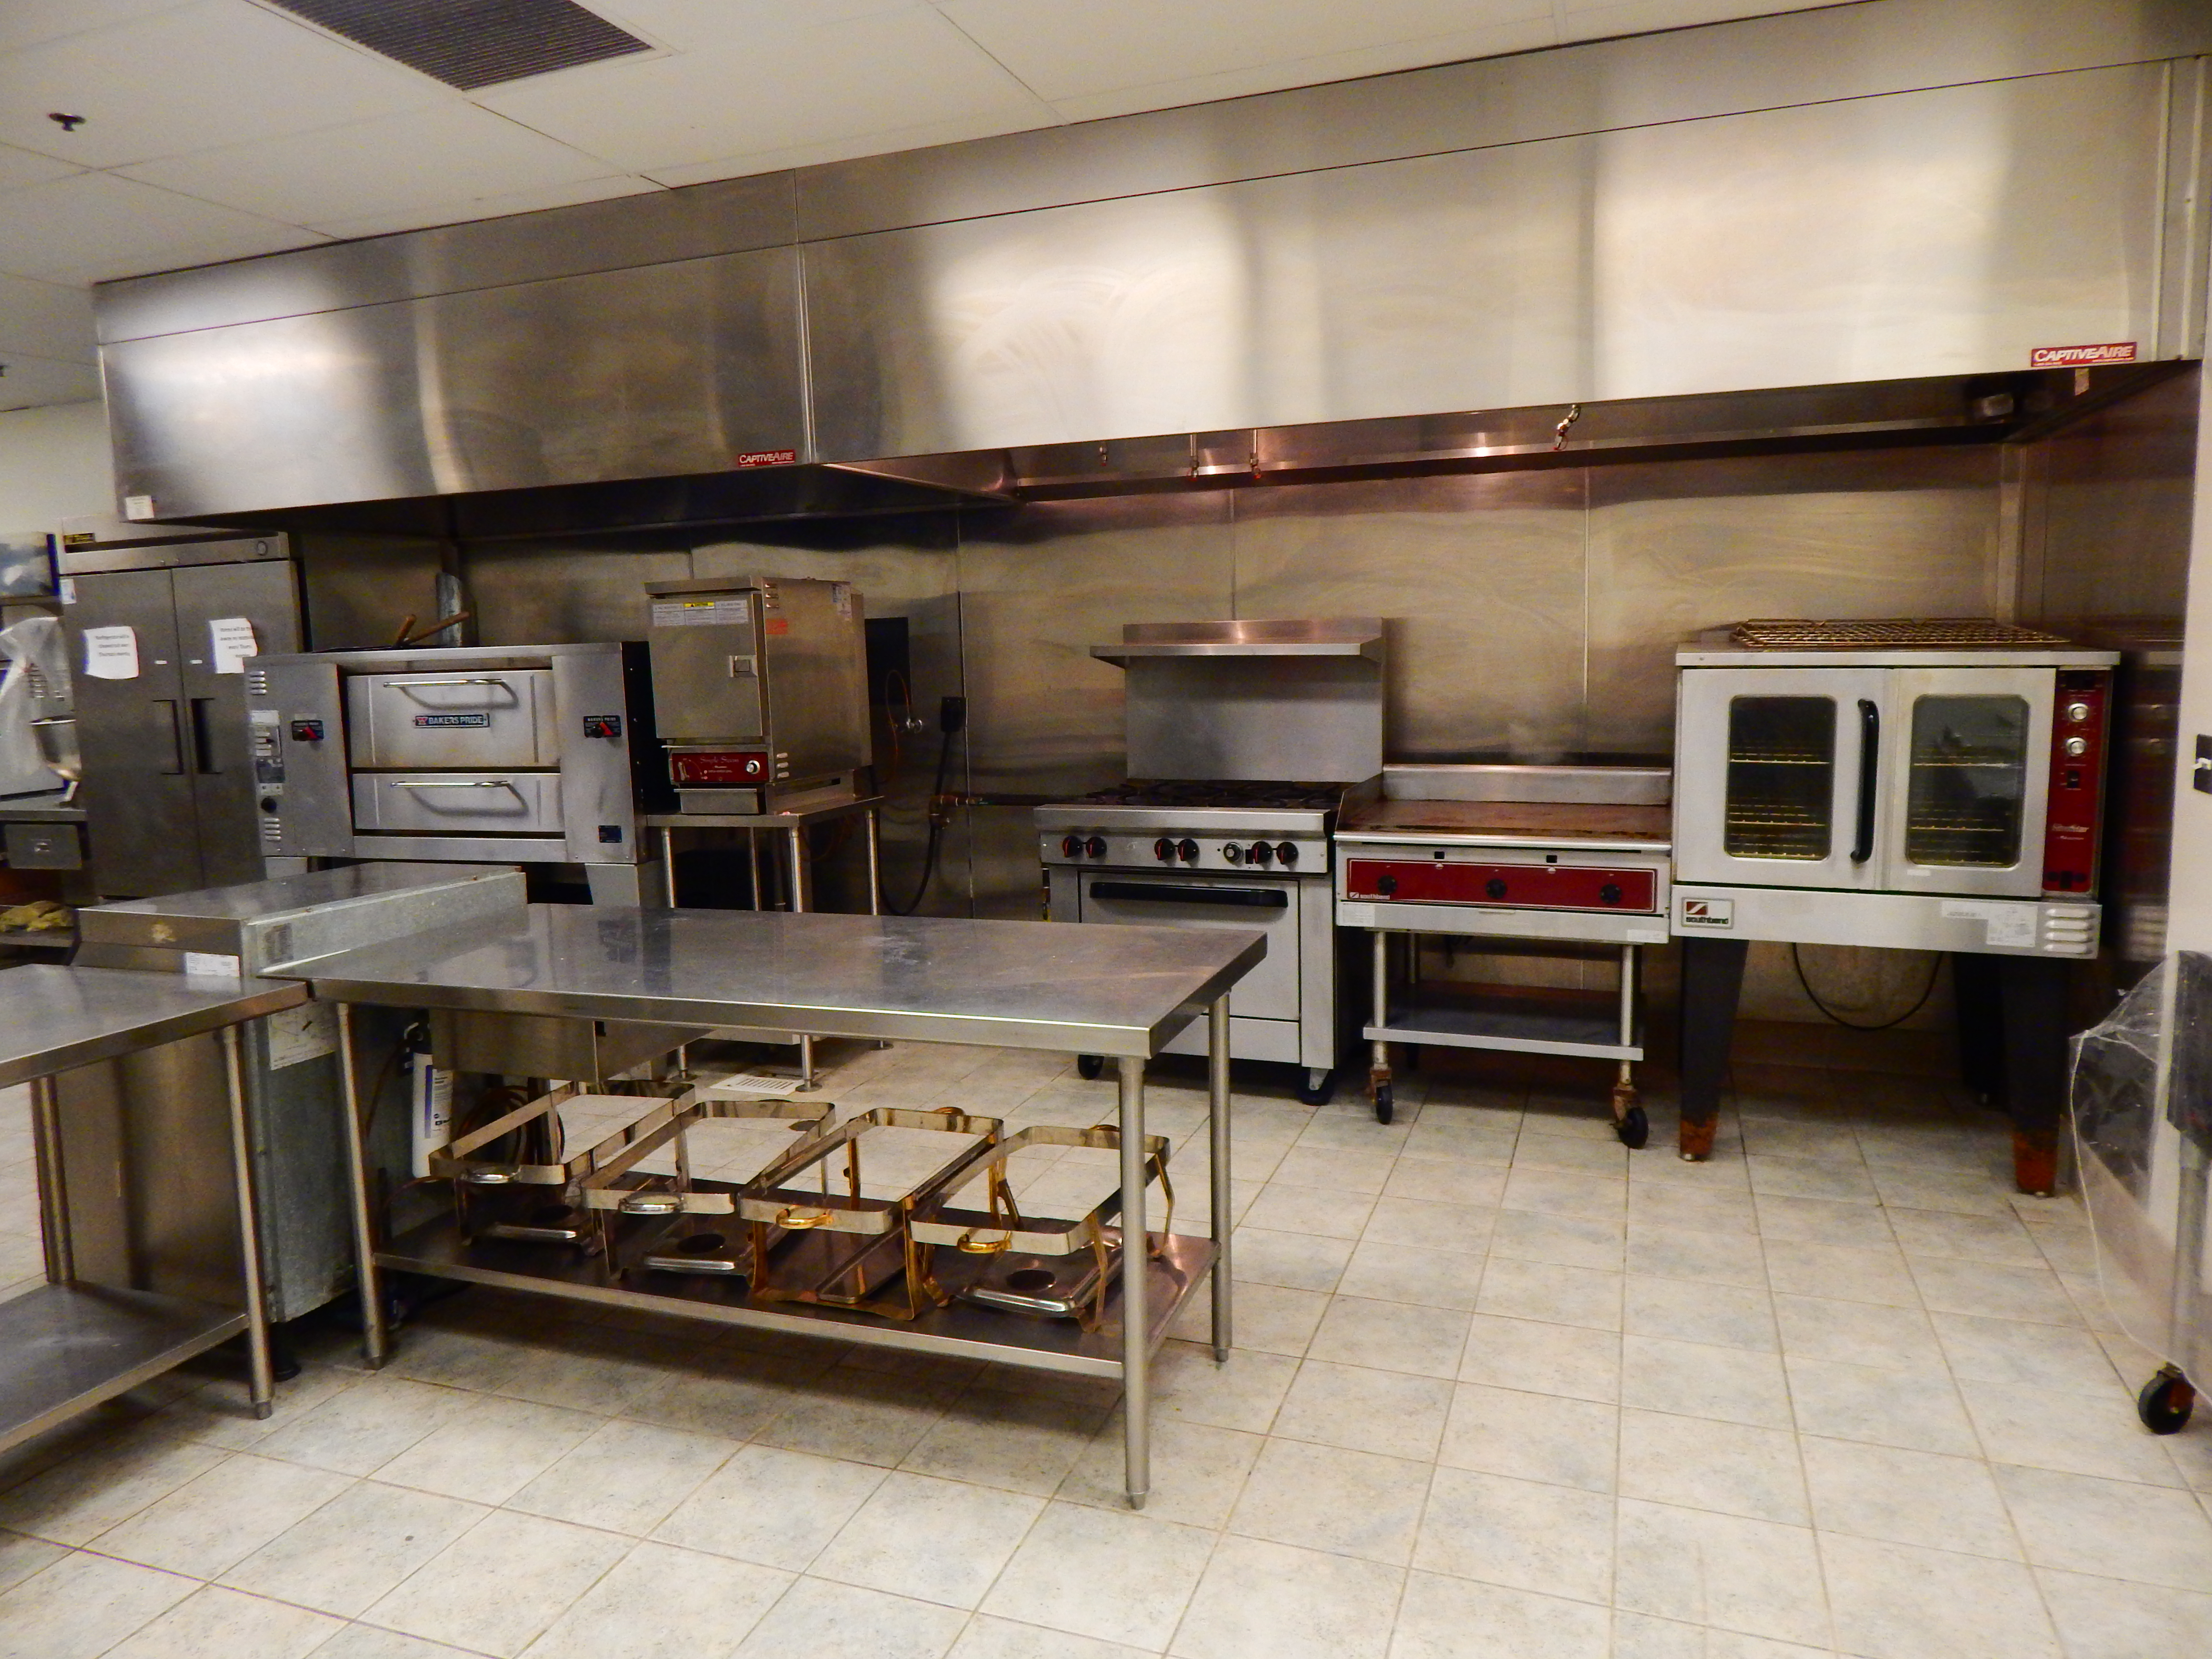 Teichert Commercial Kitchen